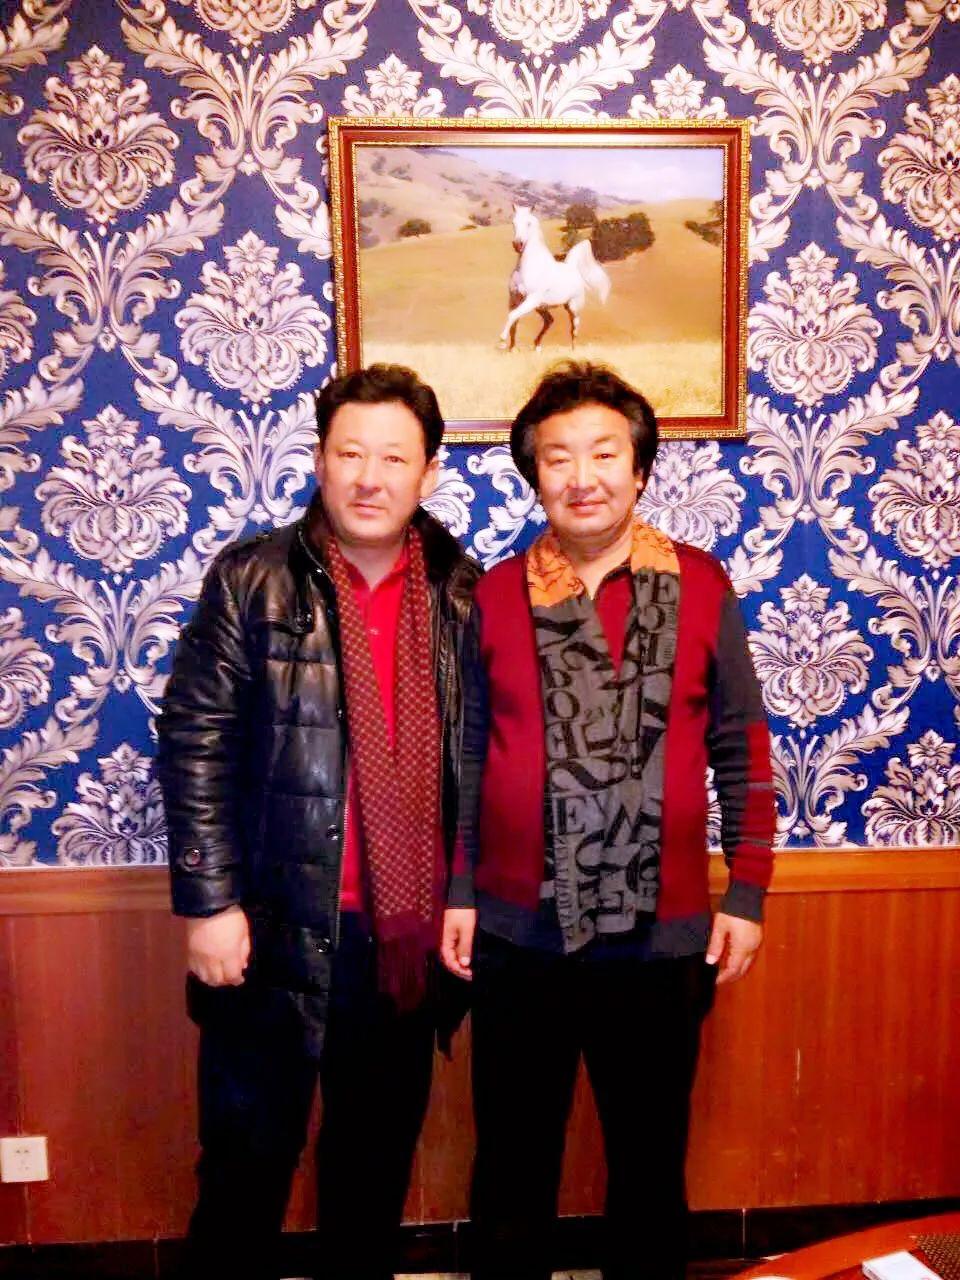 【人物】斯琴朝格图 — 从蒙古高原走向世界巅峰 第20张 【人物】斯琴朝格图 — 从蒙古高原走向世界巅峰 蒙古文化